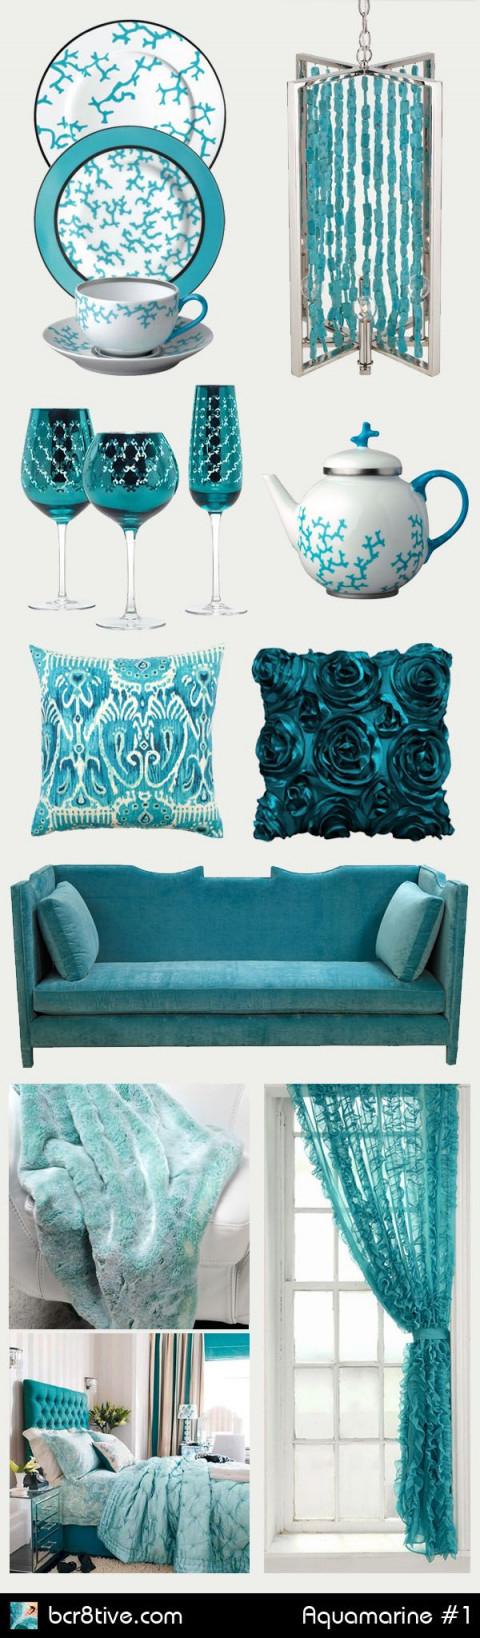 Aquamarine  Turquoise Interior Design  Home Decorating von Türkis Deko Wohnzimmer Bild